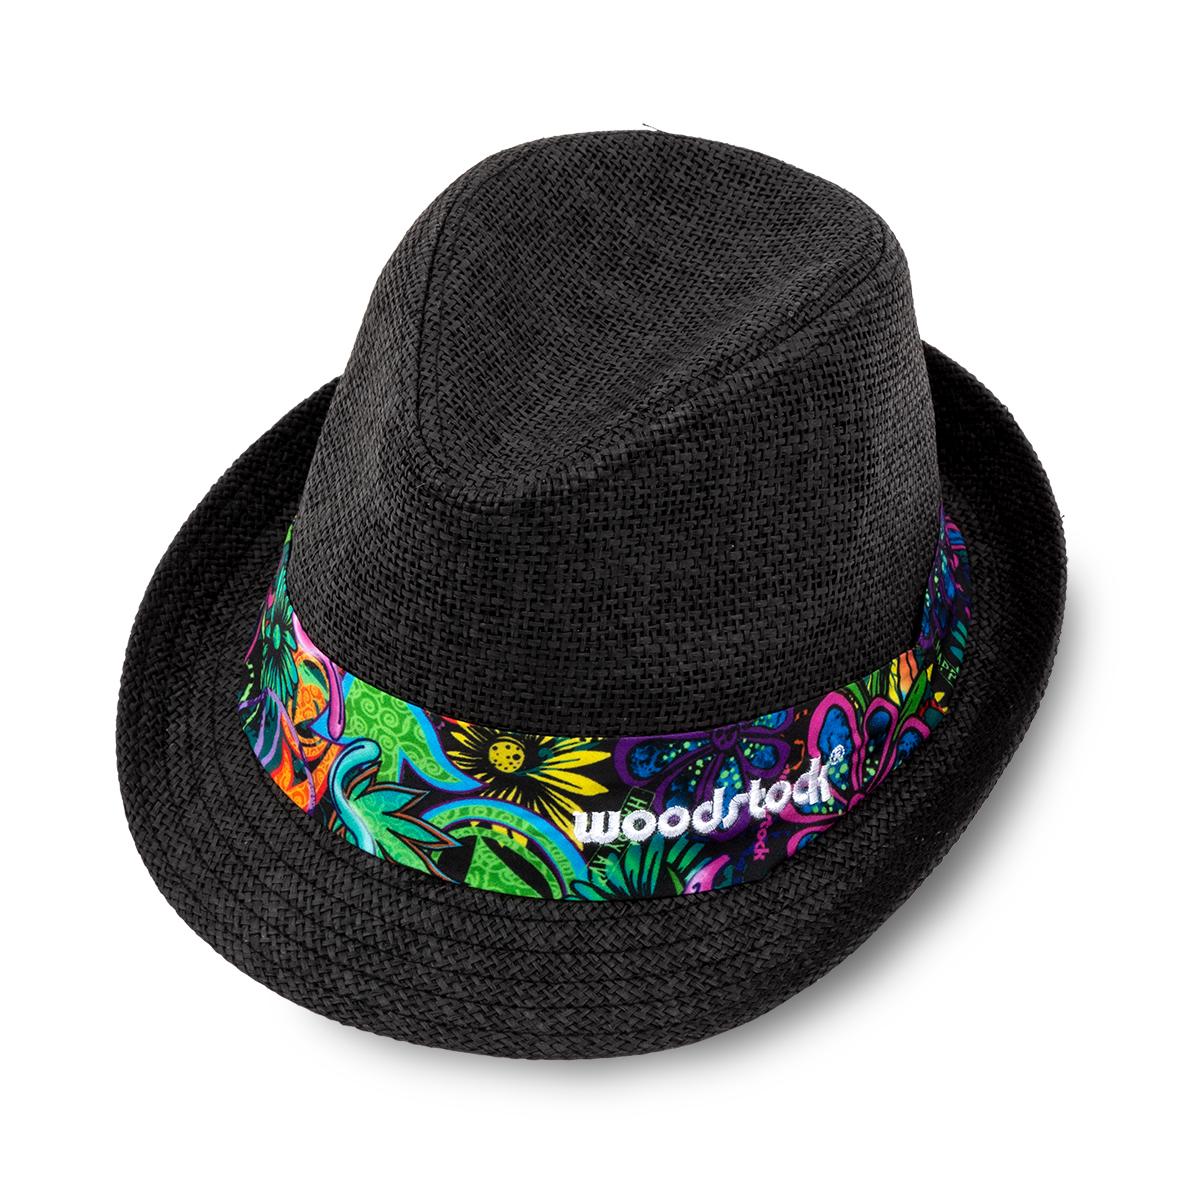 WOODSTOCK X BULA HAPPY STRAW HAT